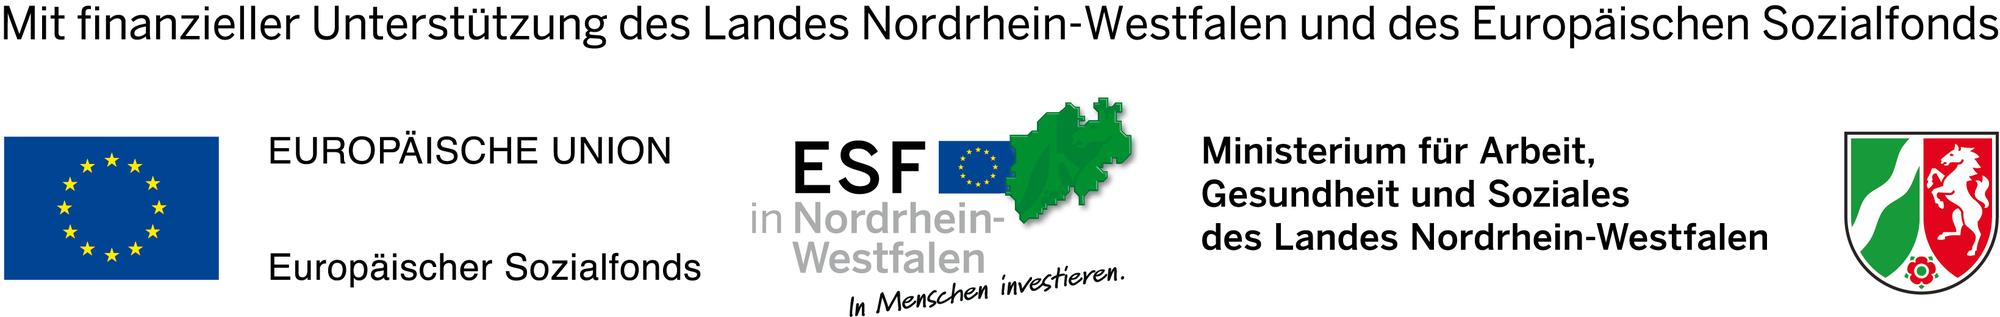 Staatliche Förderung von Transfergesellschaften durch den Europäischen Sozialfonds